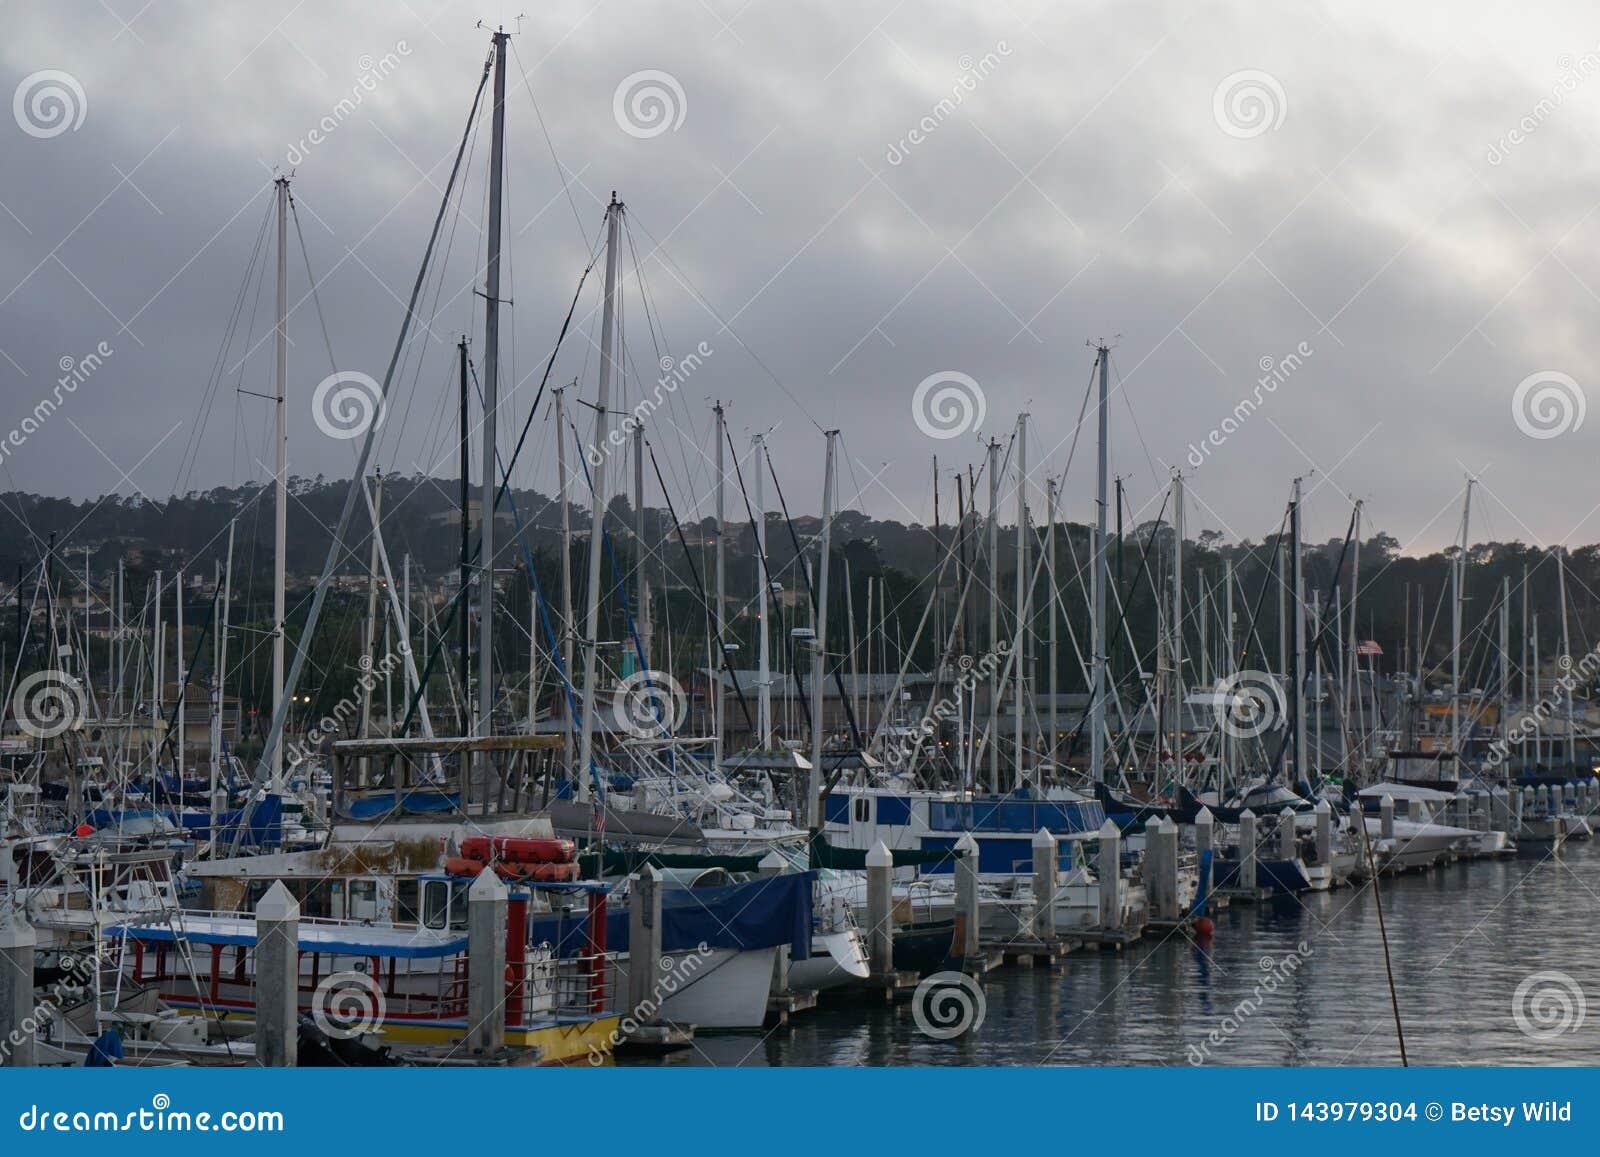 Barcos em um porto em um dia nebuloso